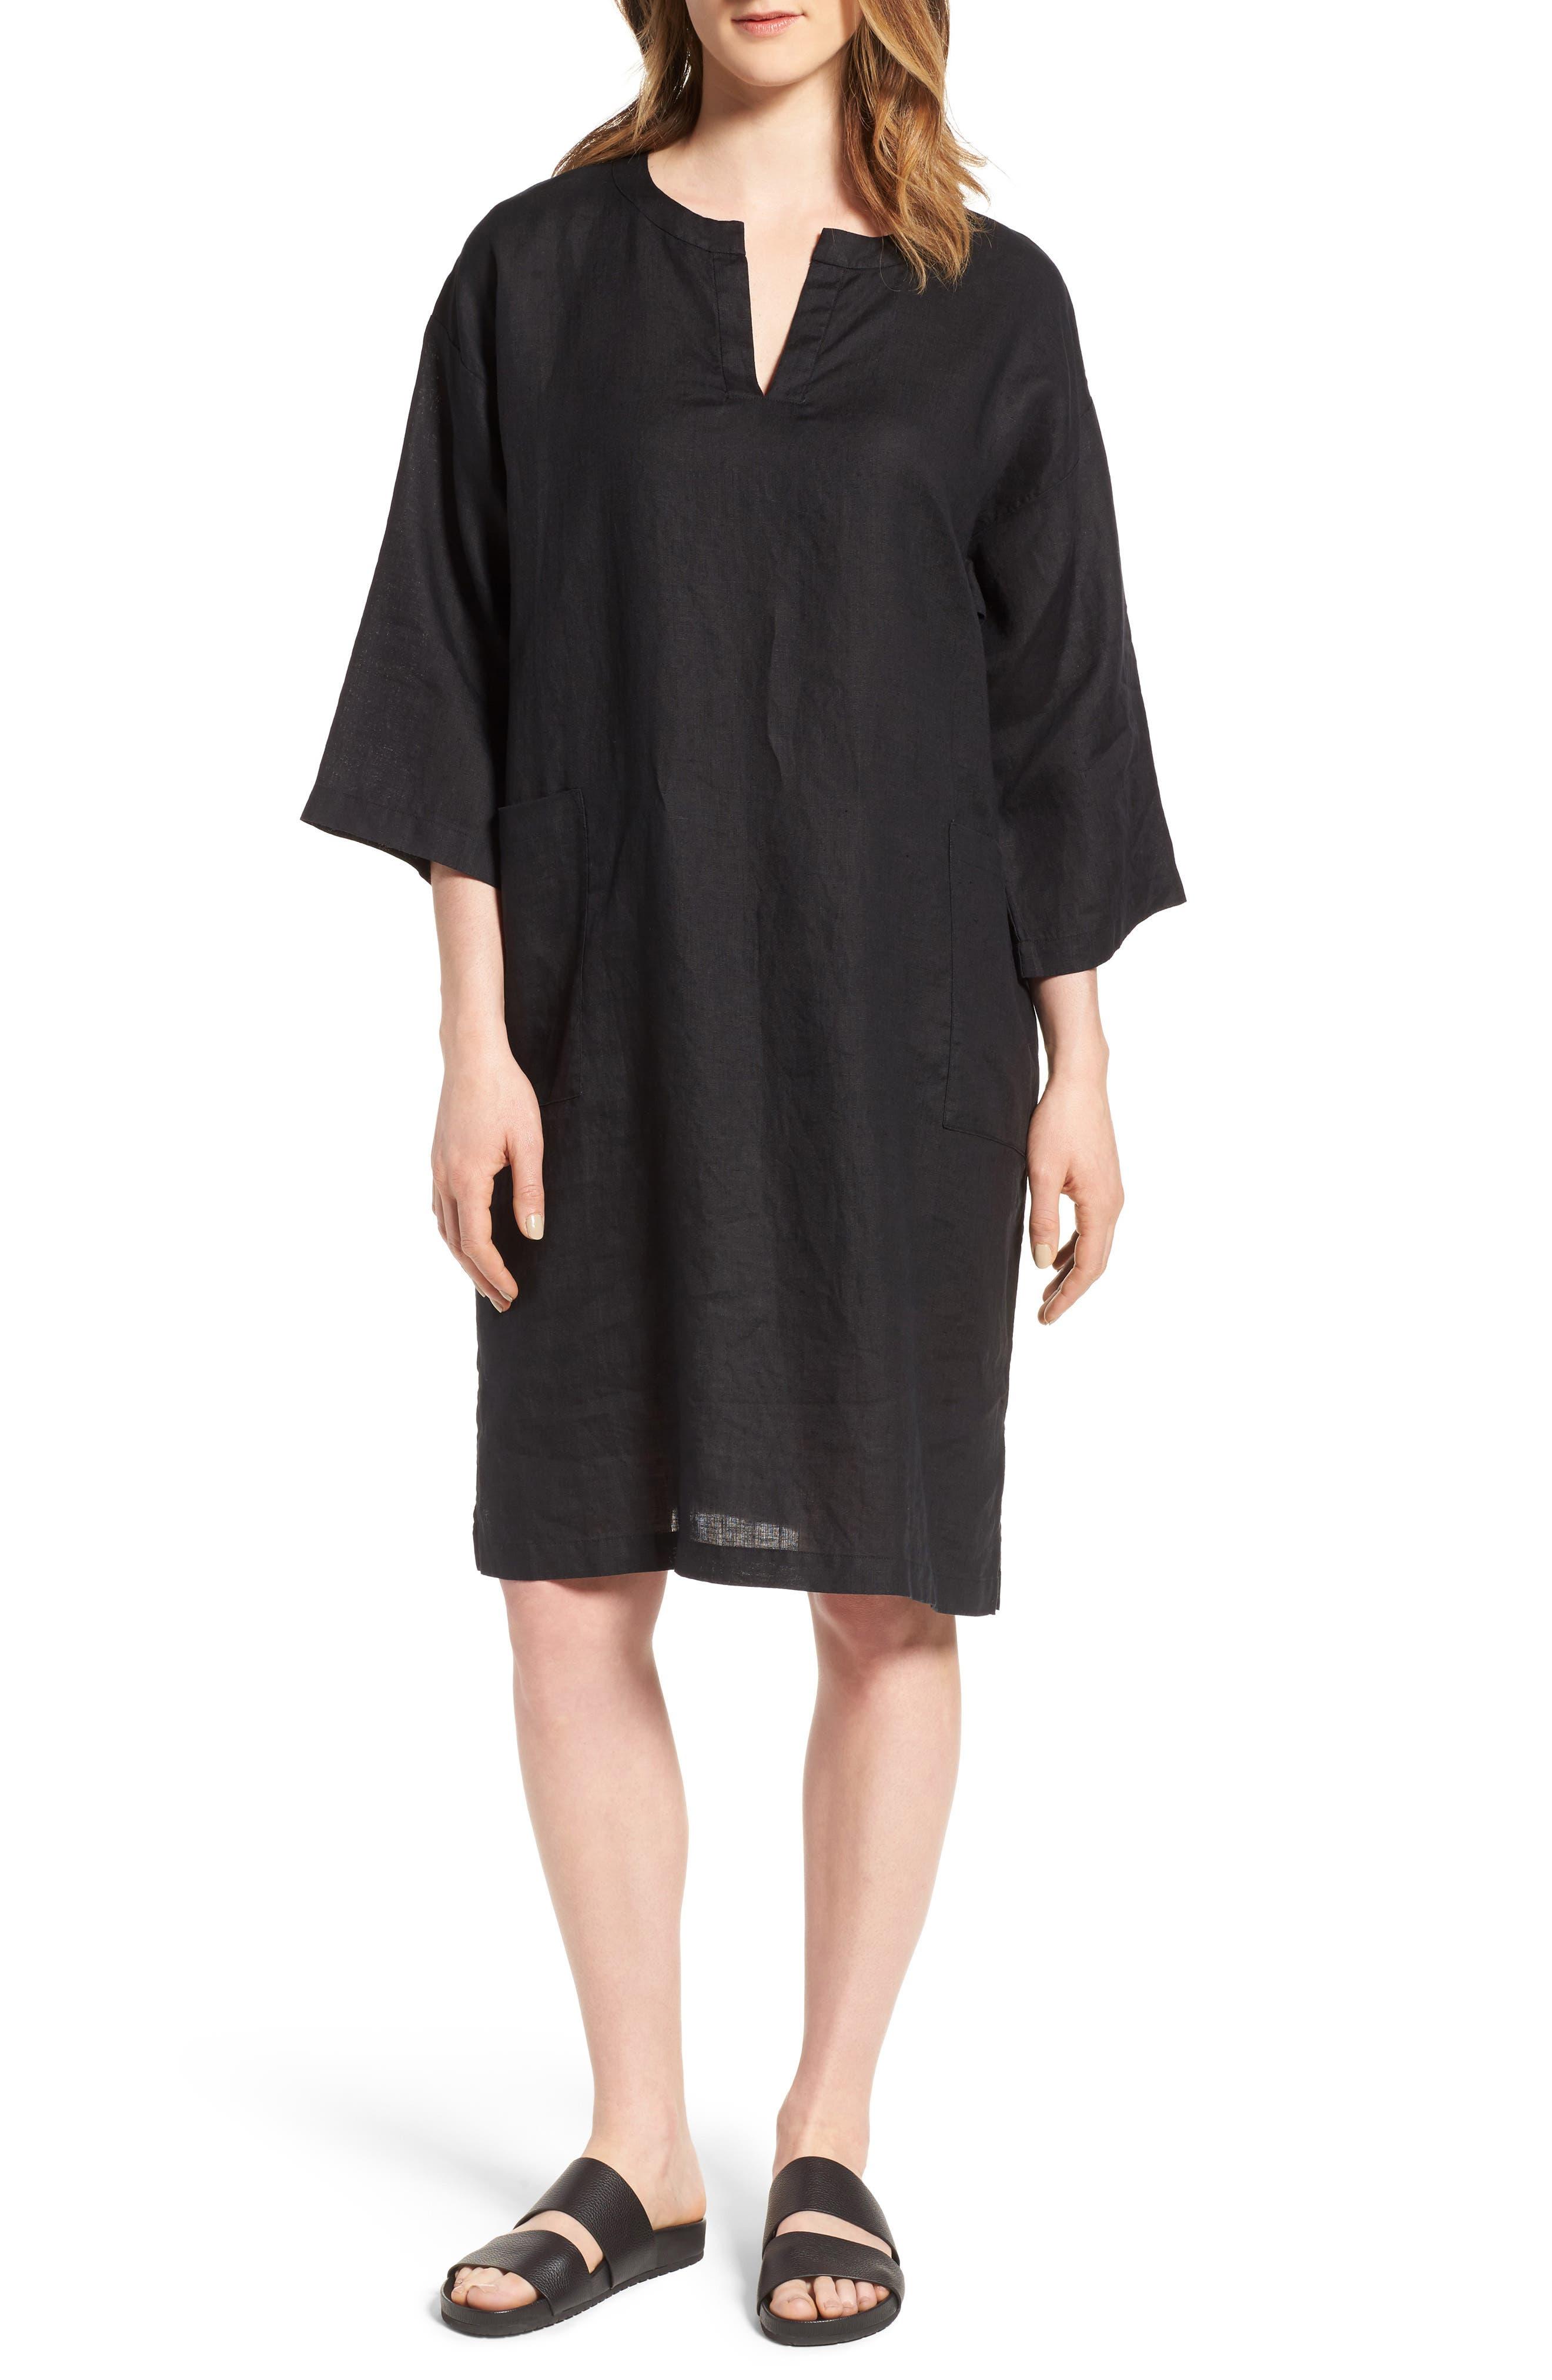 Eileen Fisher Organic Linen Shift Dress